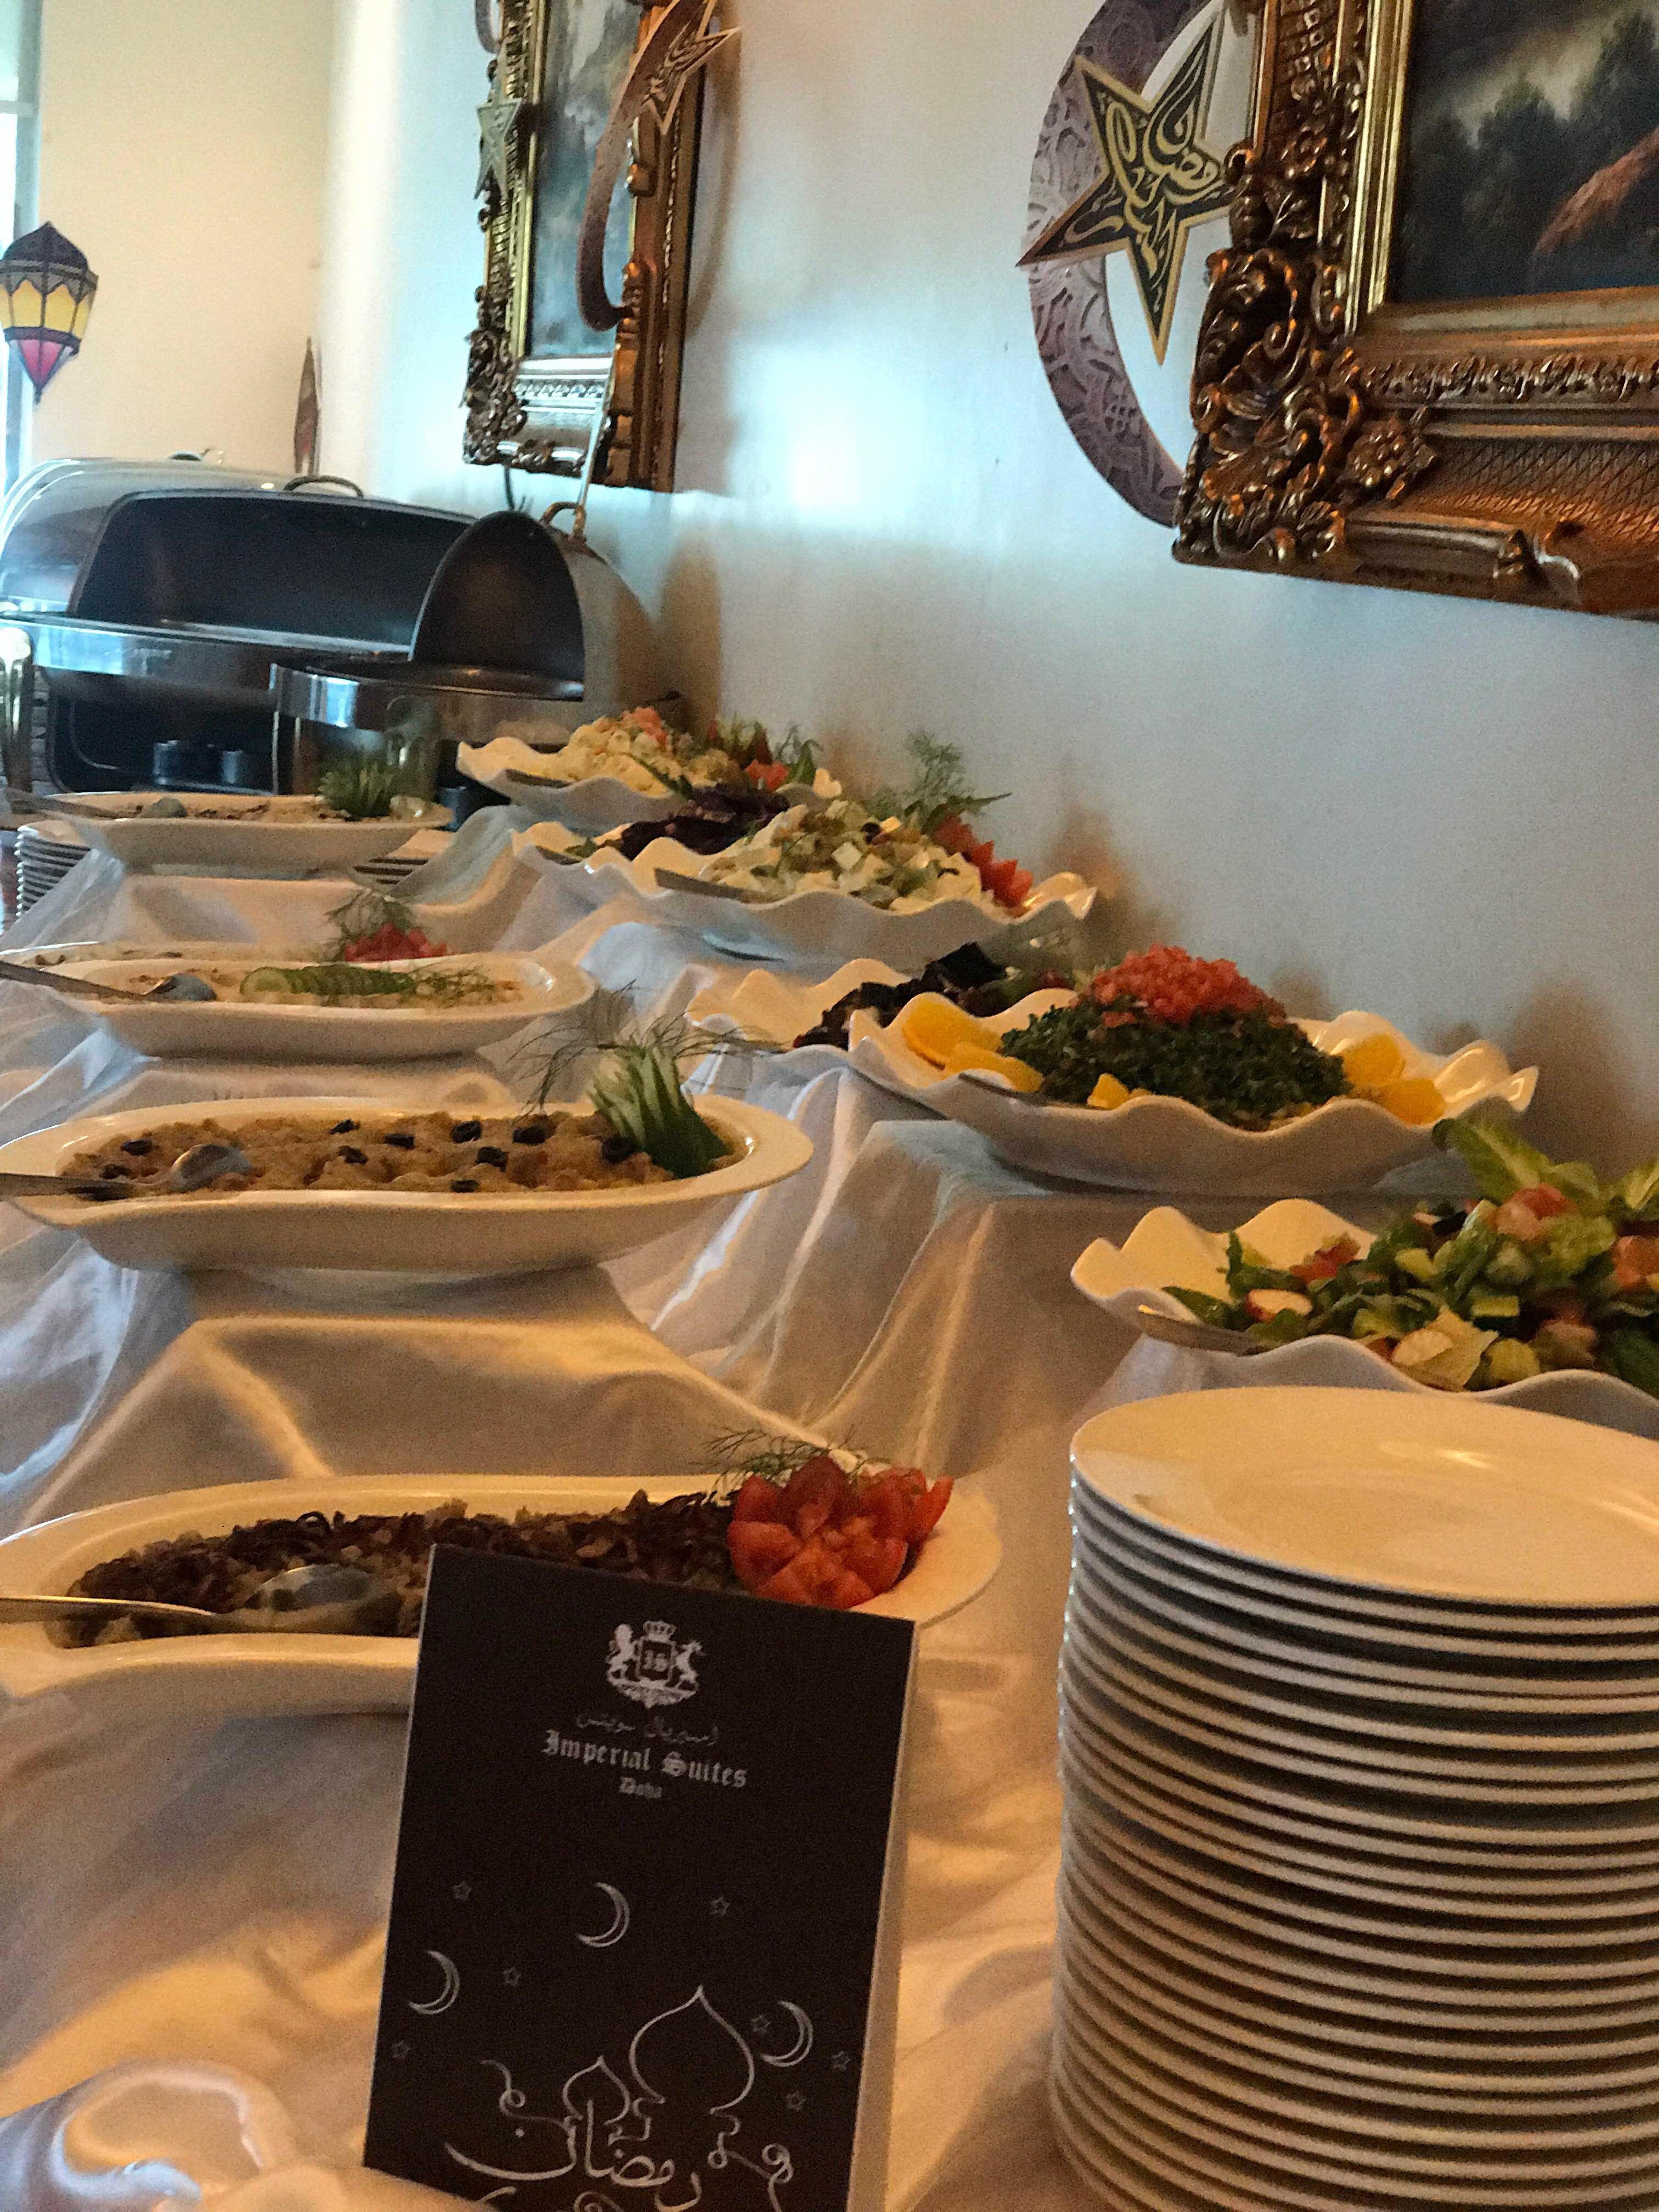 بوفيه إفطار لا ينسى ب65 ريال قطري للشخص مطعم أمسيات يقدم لك مجموعة متنوعة من وجبات بوفيه لذيذة في هذا الشهر الفضيل من رمضان كل مجموع Iftar Restaurant Ramadan